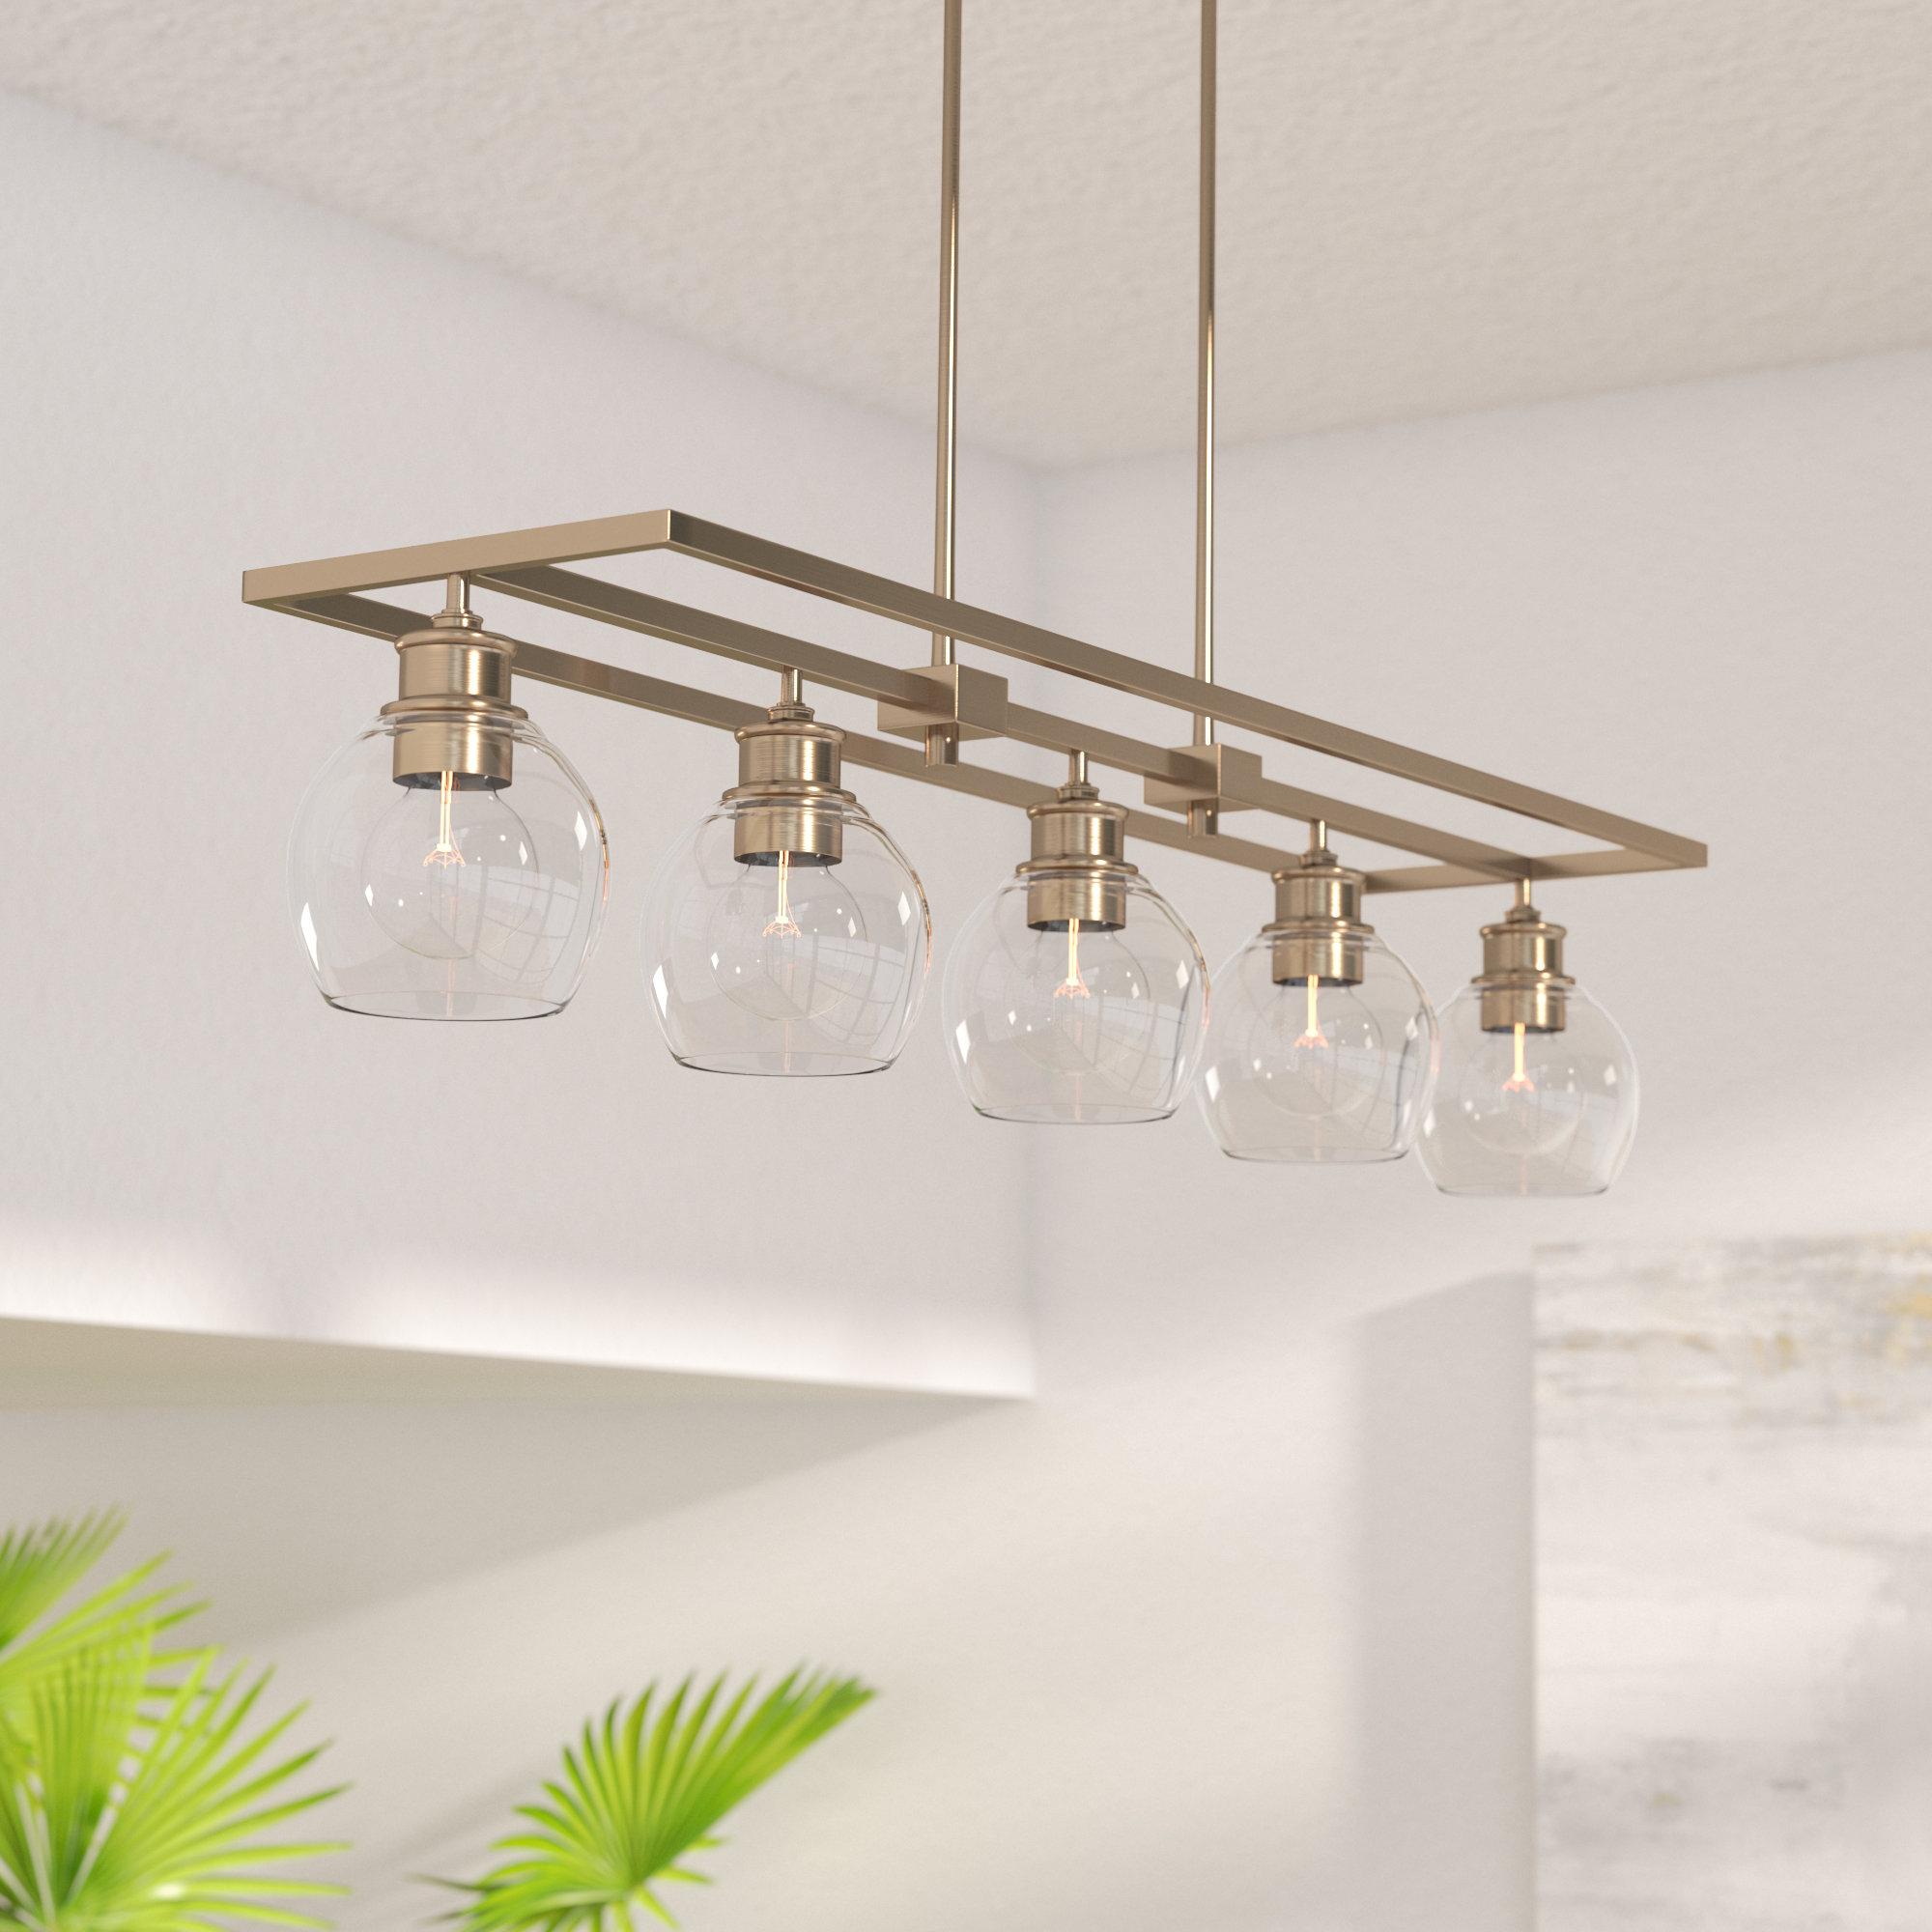 5 Light Kitchen Pendant | Wayfair In Hinerman 5 Light Kitchen Island Pendants (View 4 of 30)